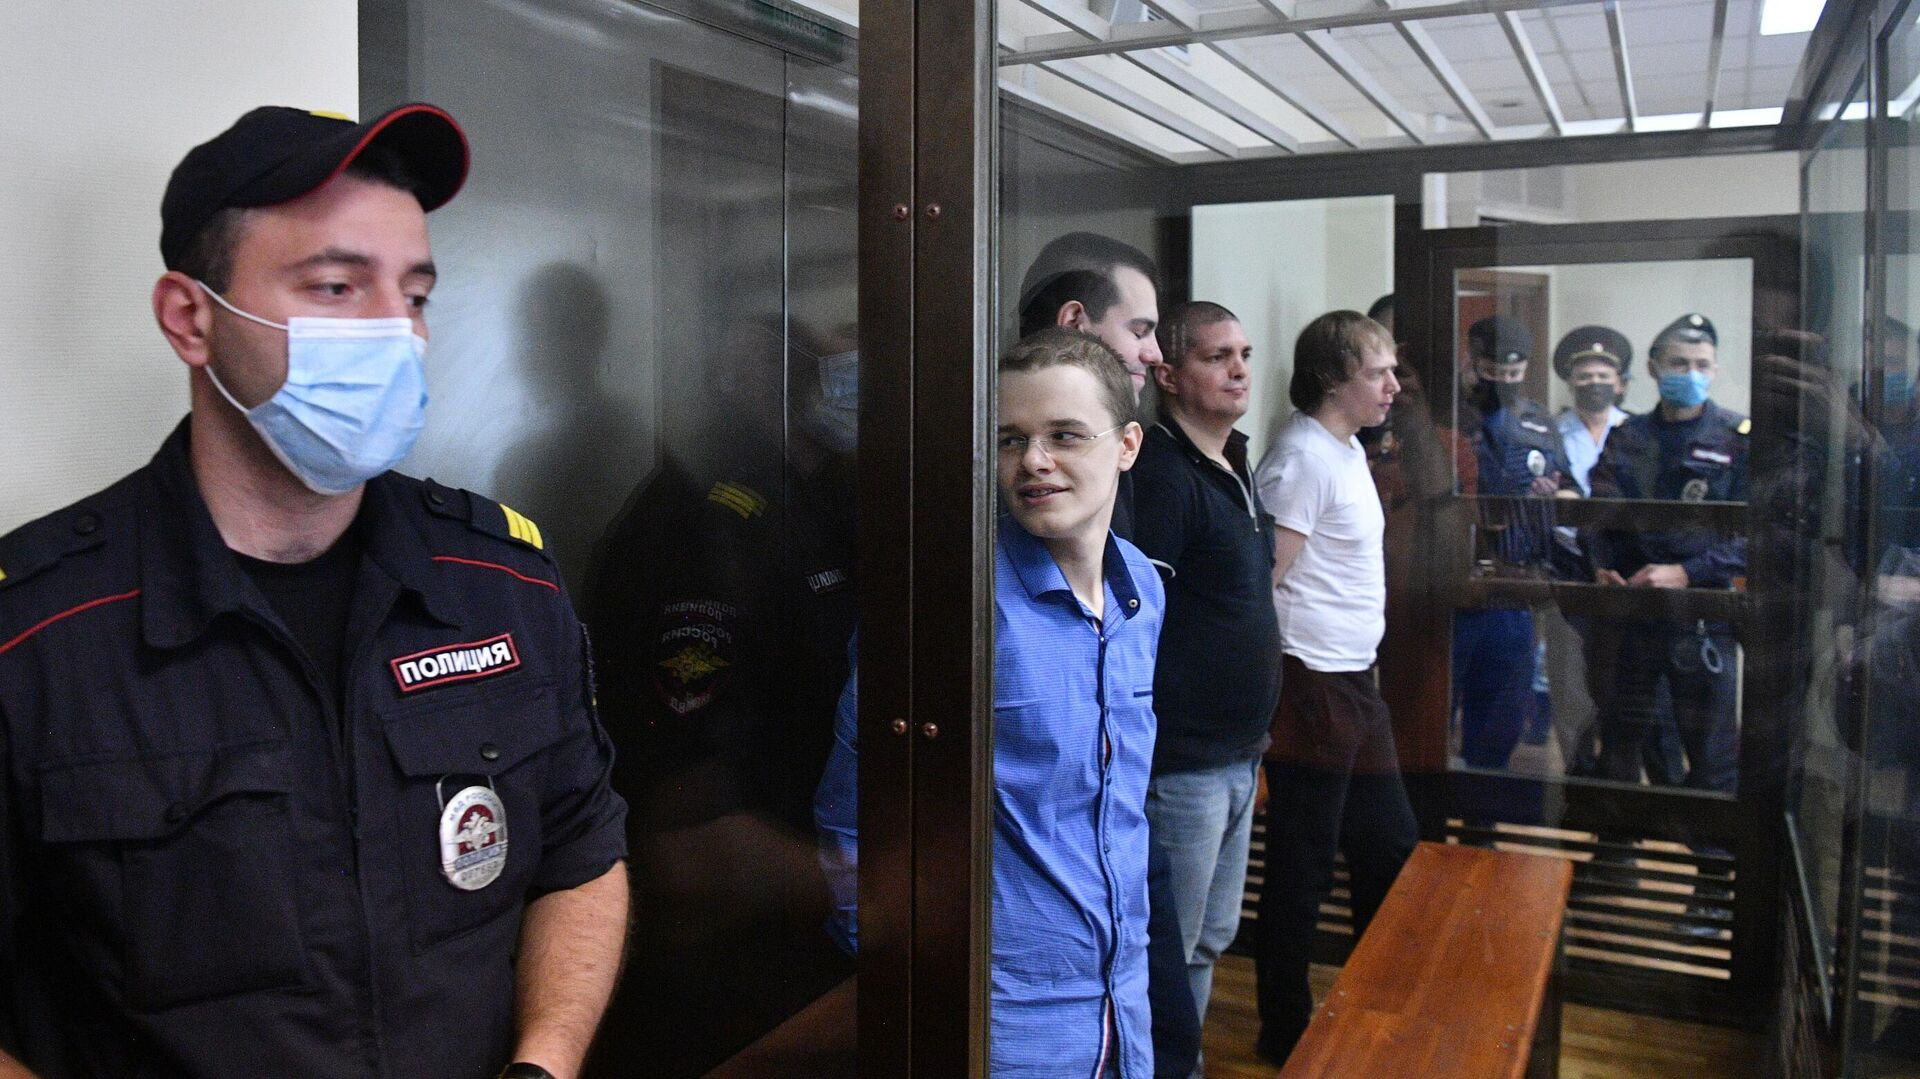 Суд арестовал художника за несогласованную выставку в Петербурге